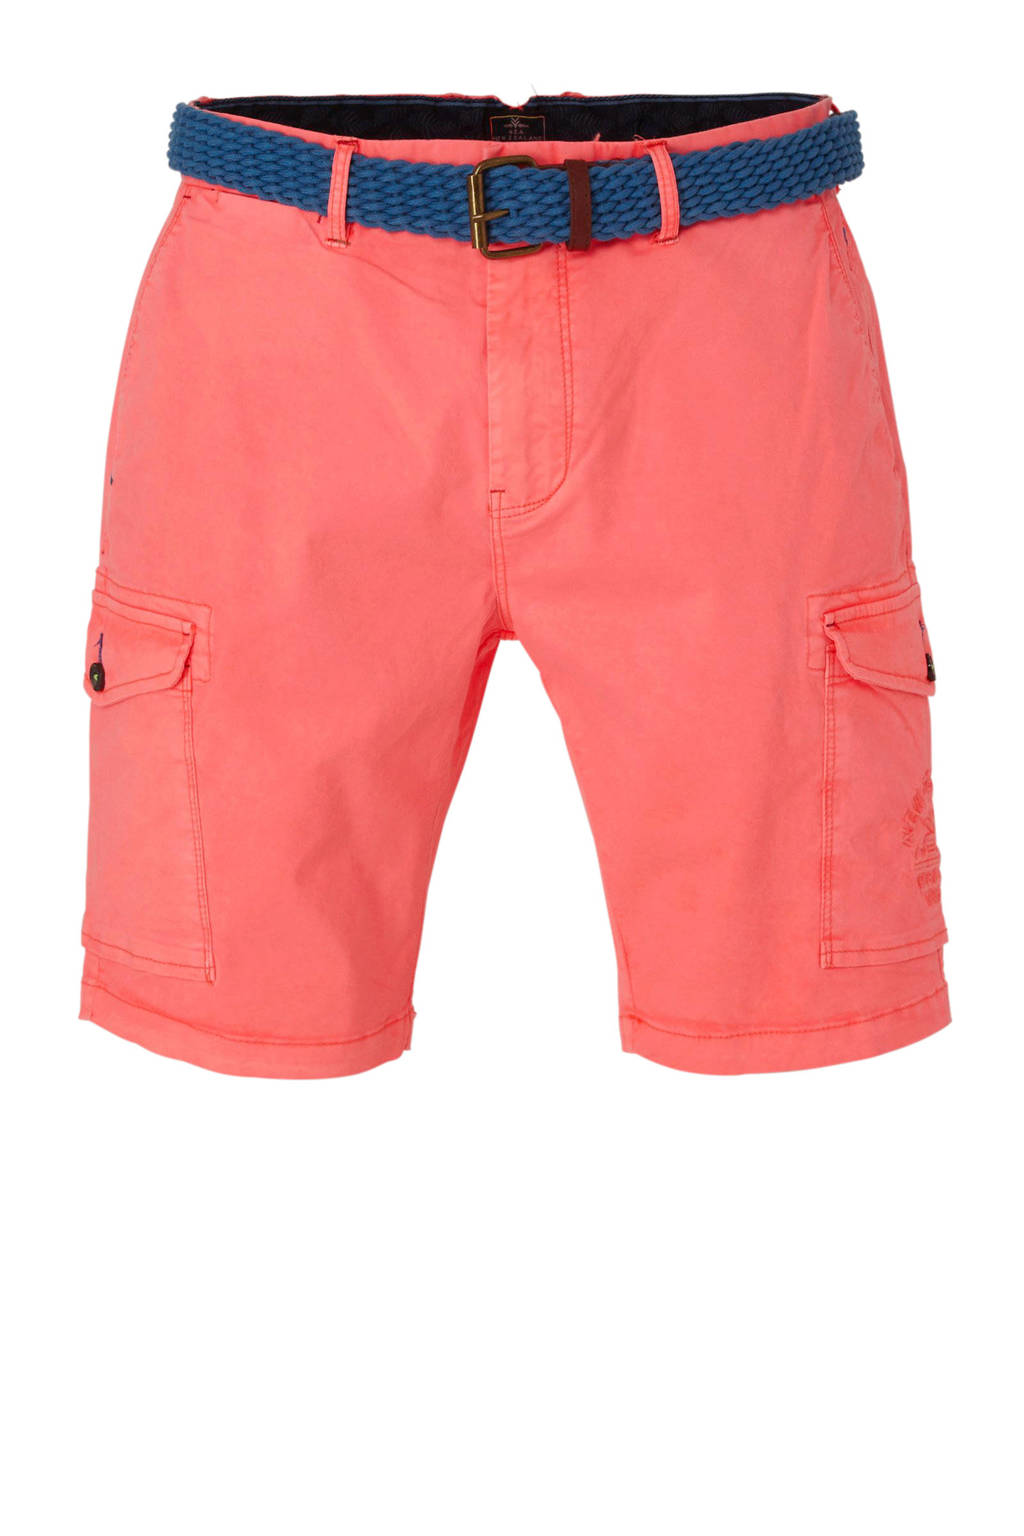 NZA regular fit bermuda roze, Roze